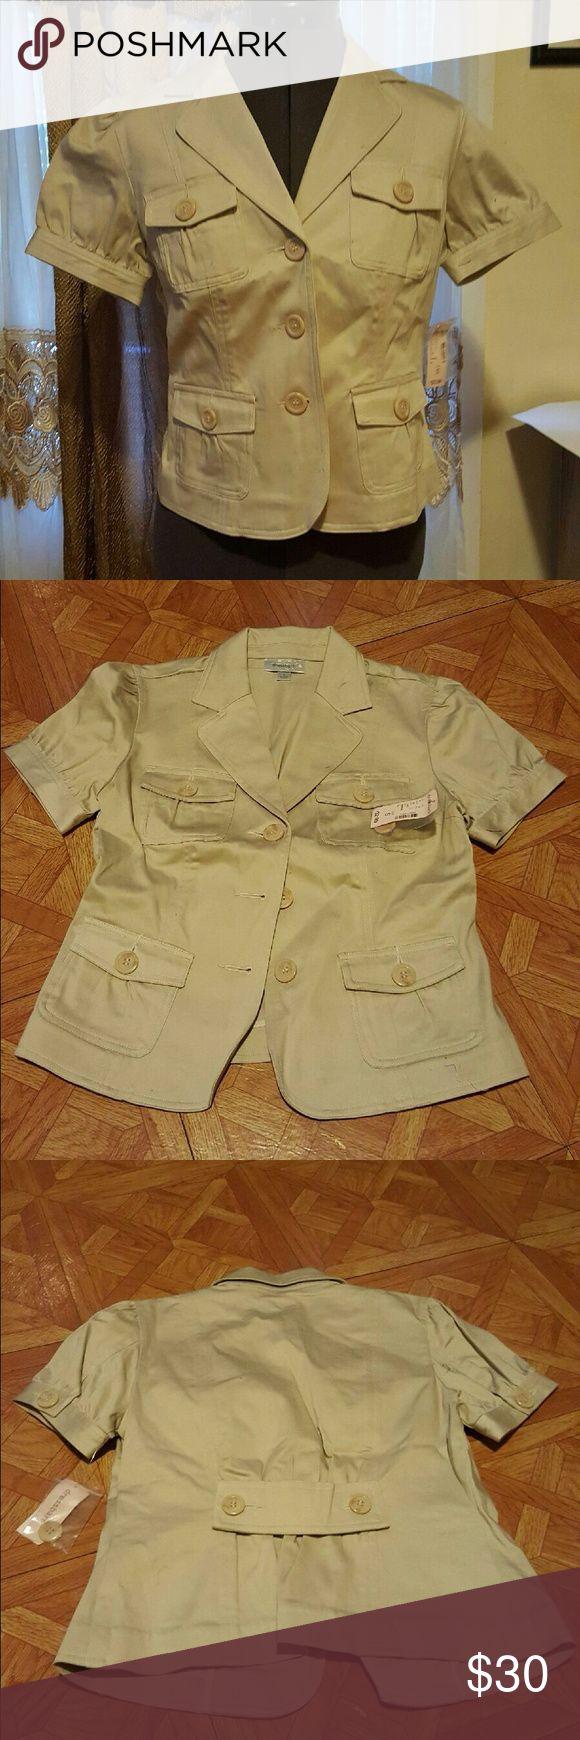 Short Sleeve Khaki Blazer Short sleeve khaki blazer with pockets Dress Barn Jackets & Coats Blazers